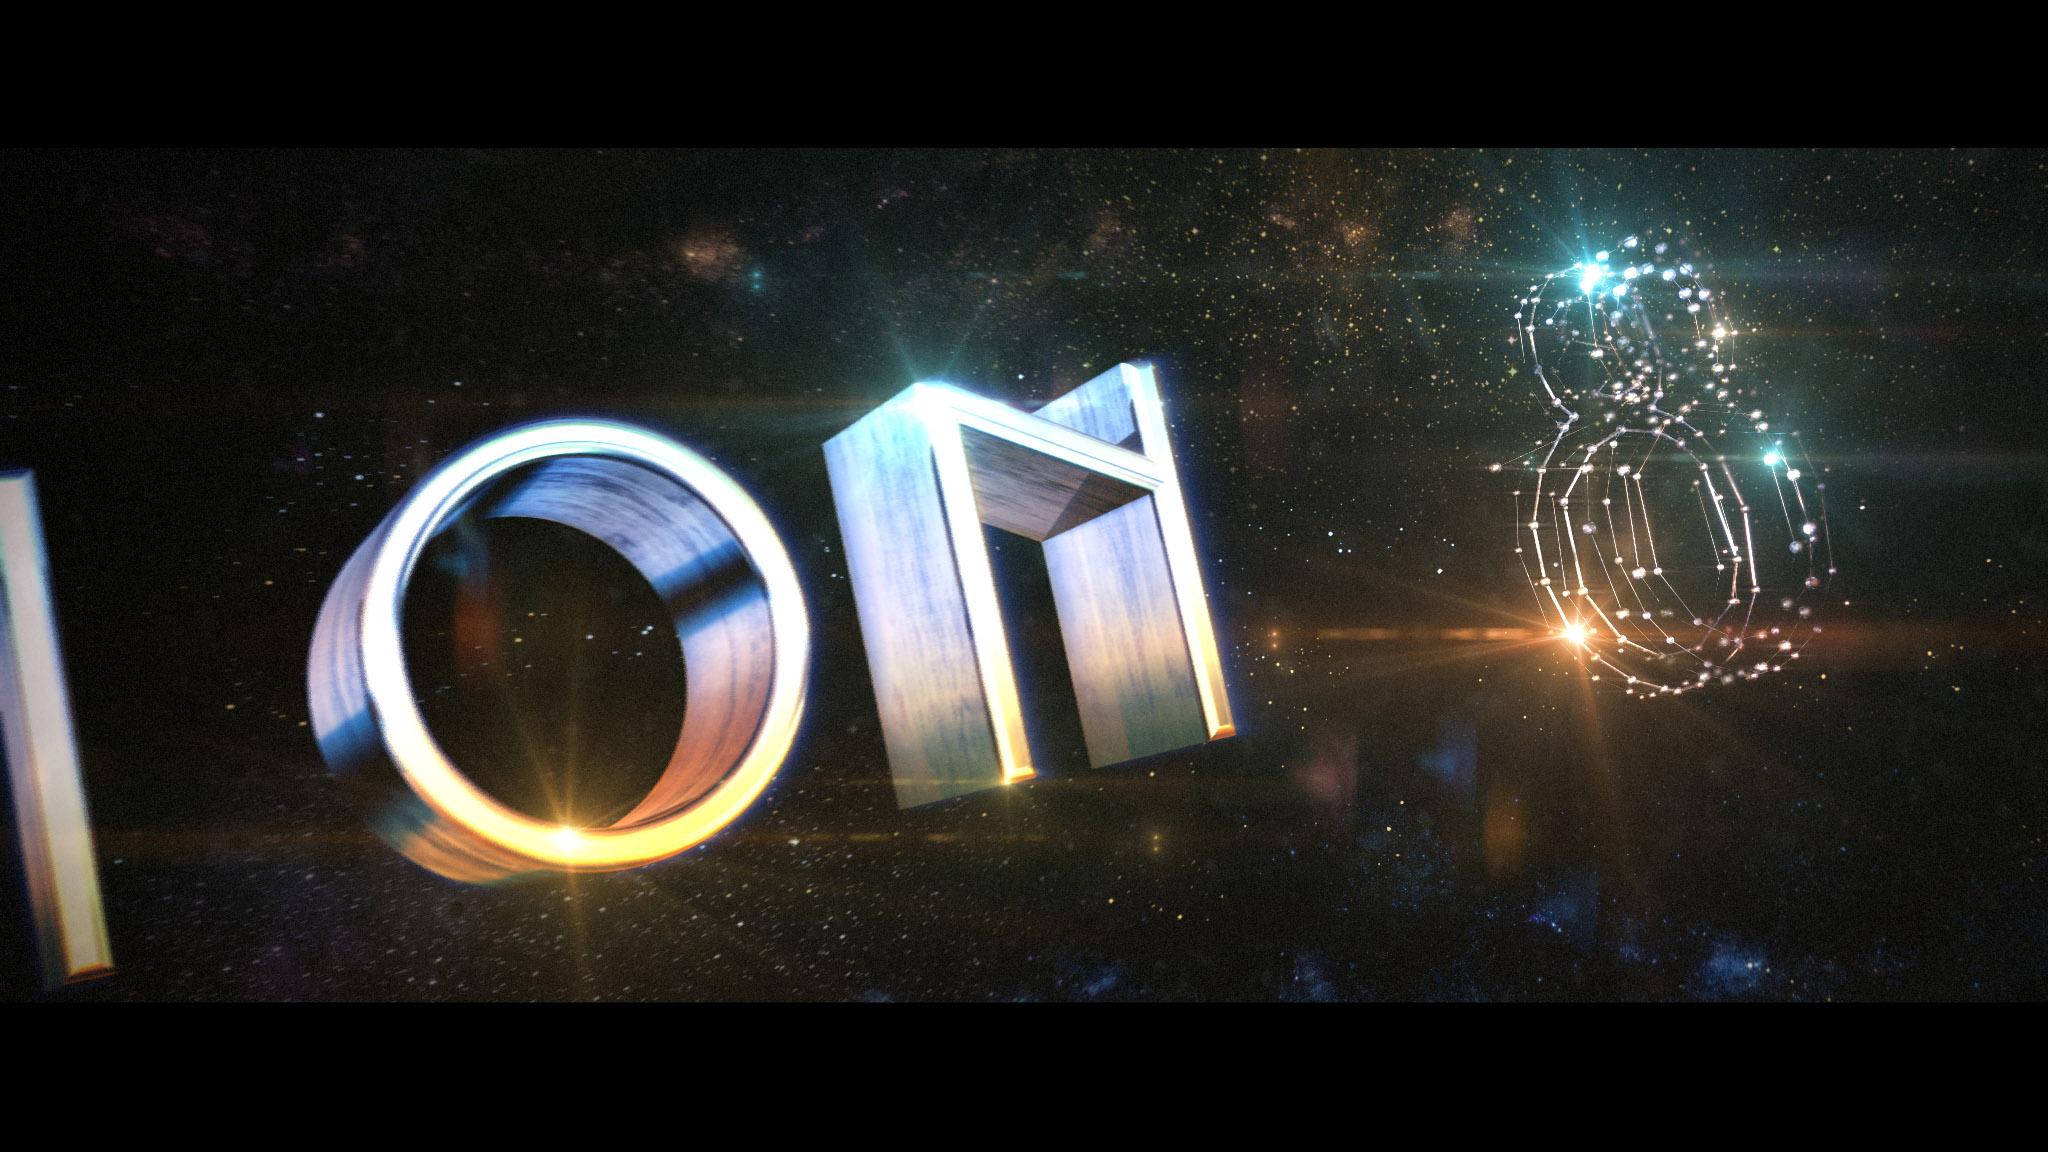 C8_Logo_GlxyAruela_v003_frm3_2k_bh_web.jpg